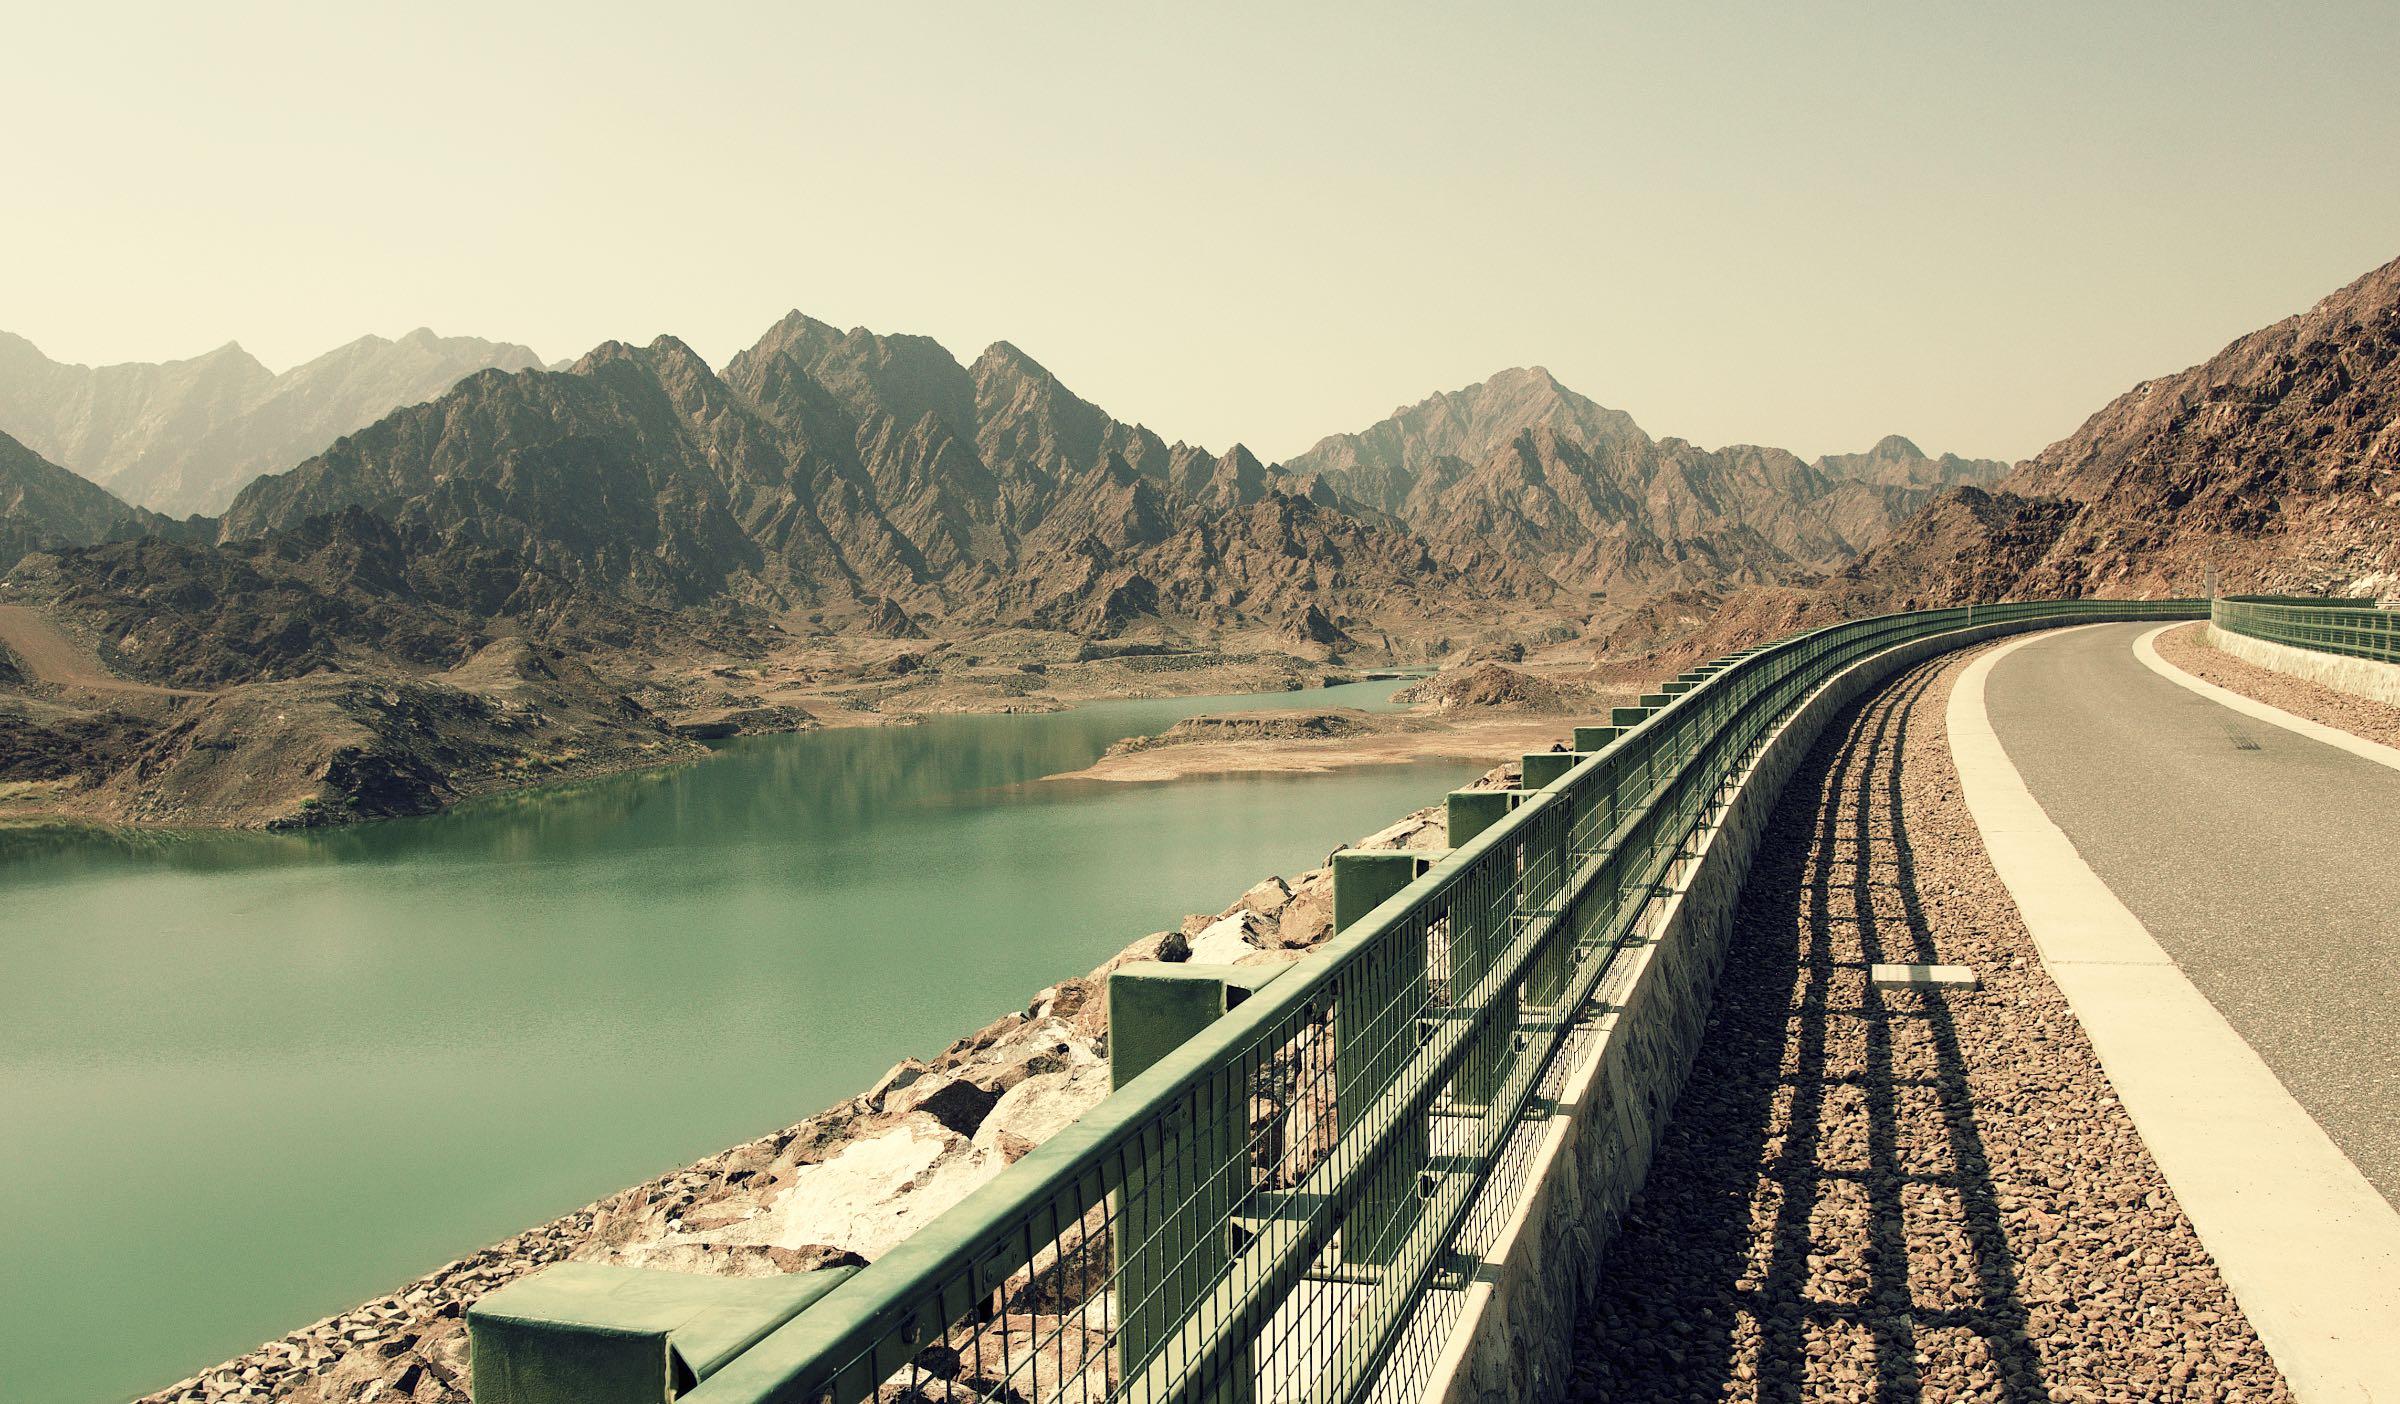 Hatta Green Lake